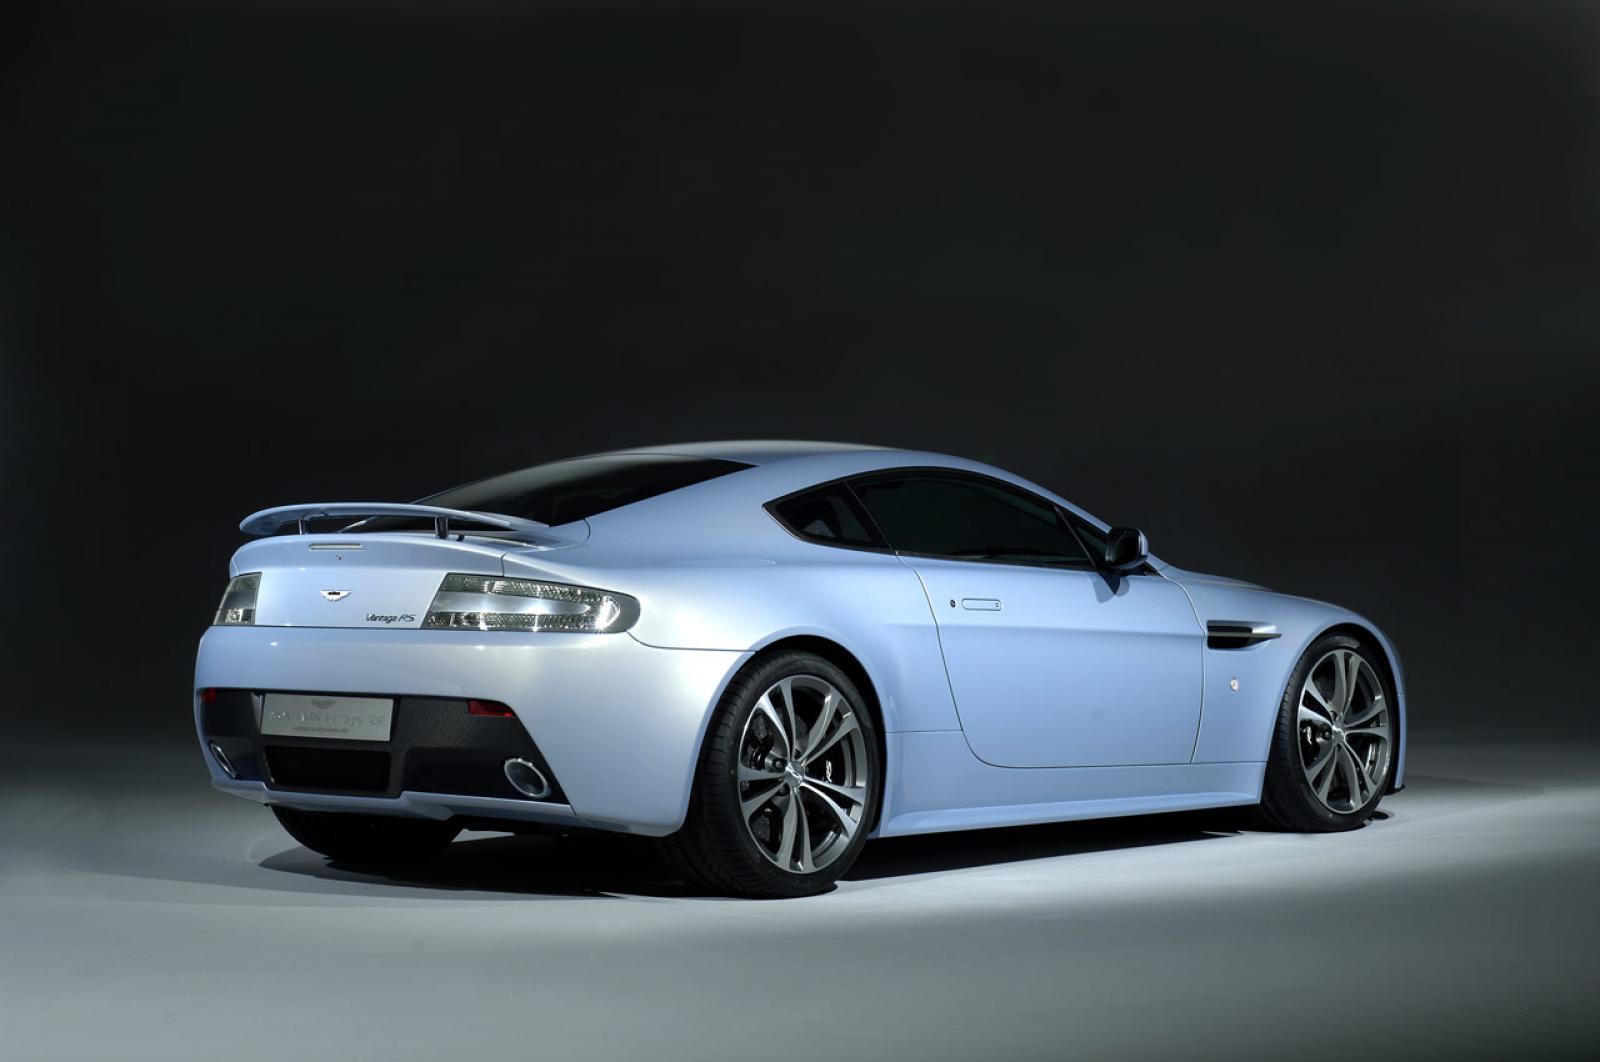 2012 Aston Martin V12 Vantage Information And Photos Zombiedrive